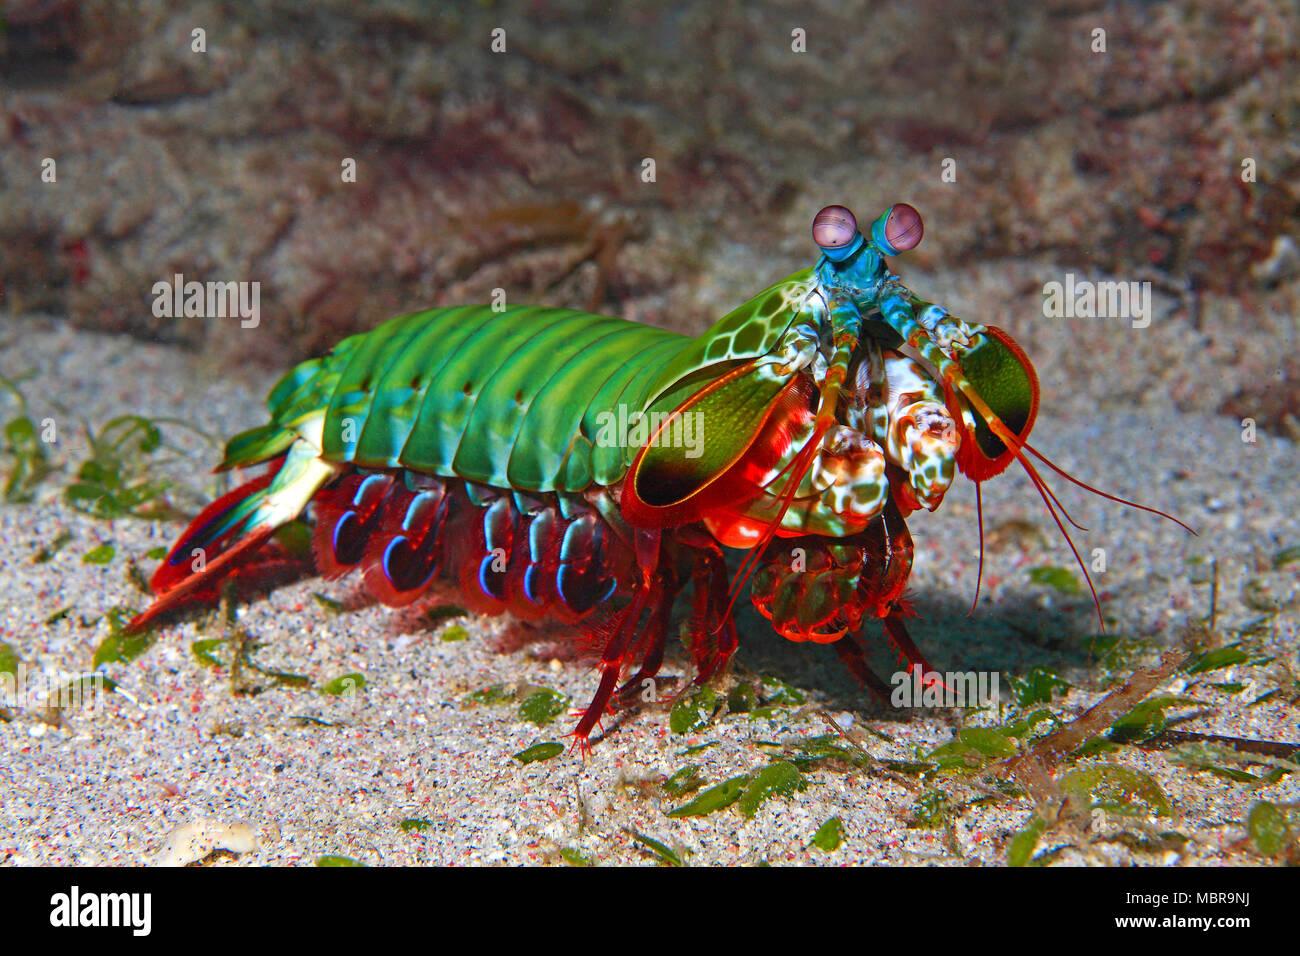 how to draw a mantis shrimp